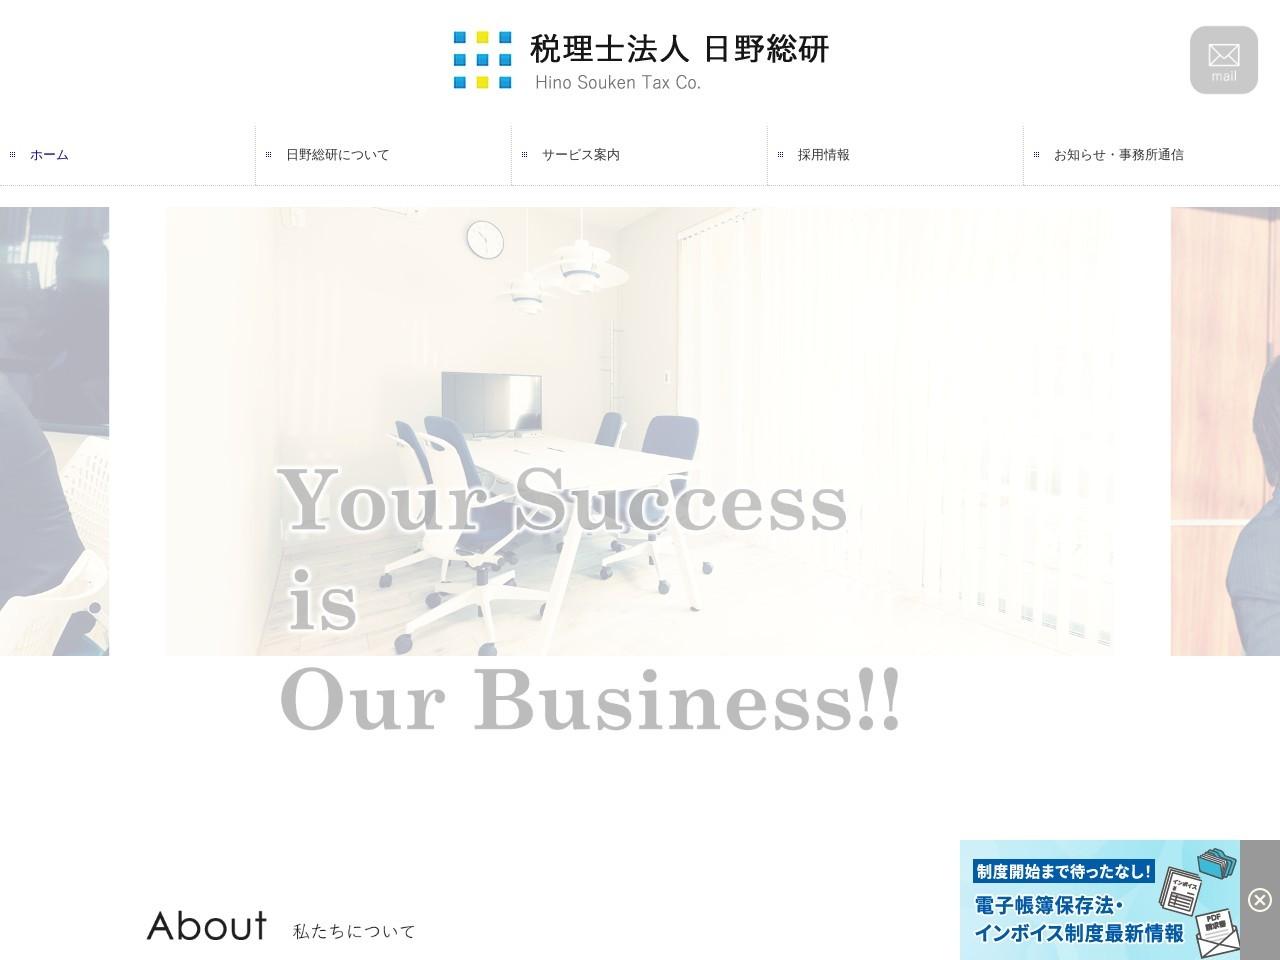 日野総研(税理士法人)